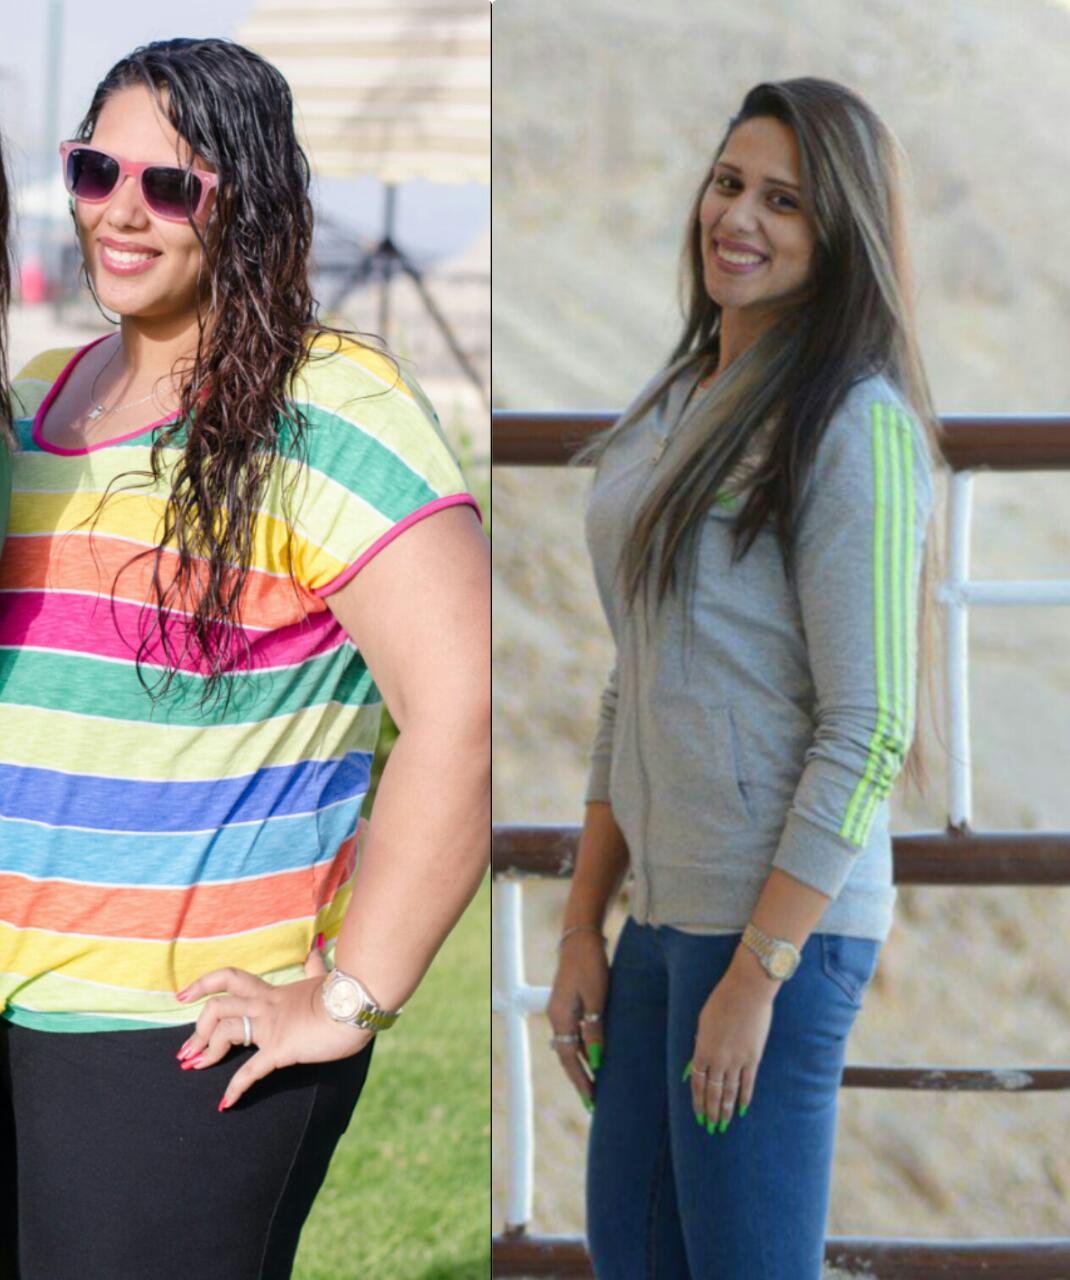 سارة عبد المسيح مصممة أظافر فقدت من وزنها 52 كيلو